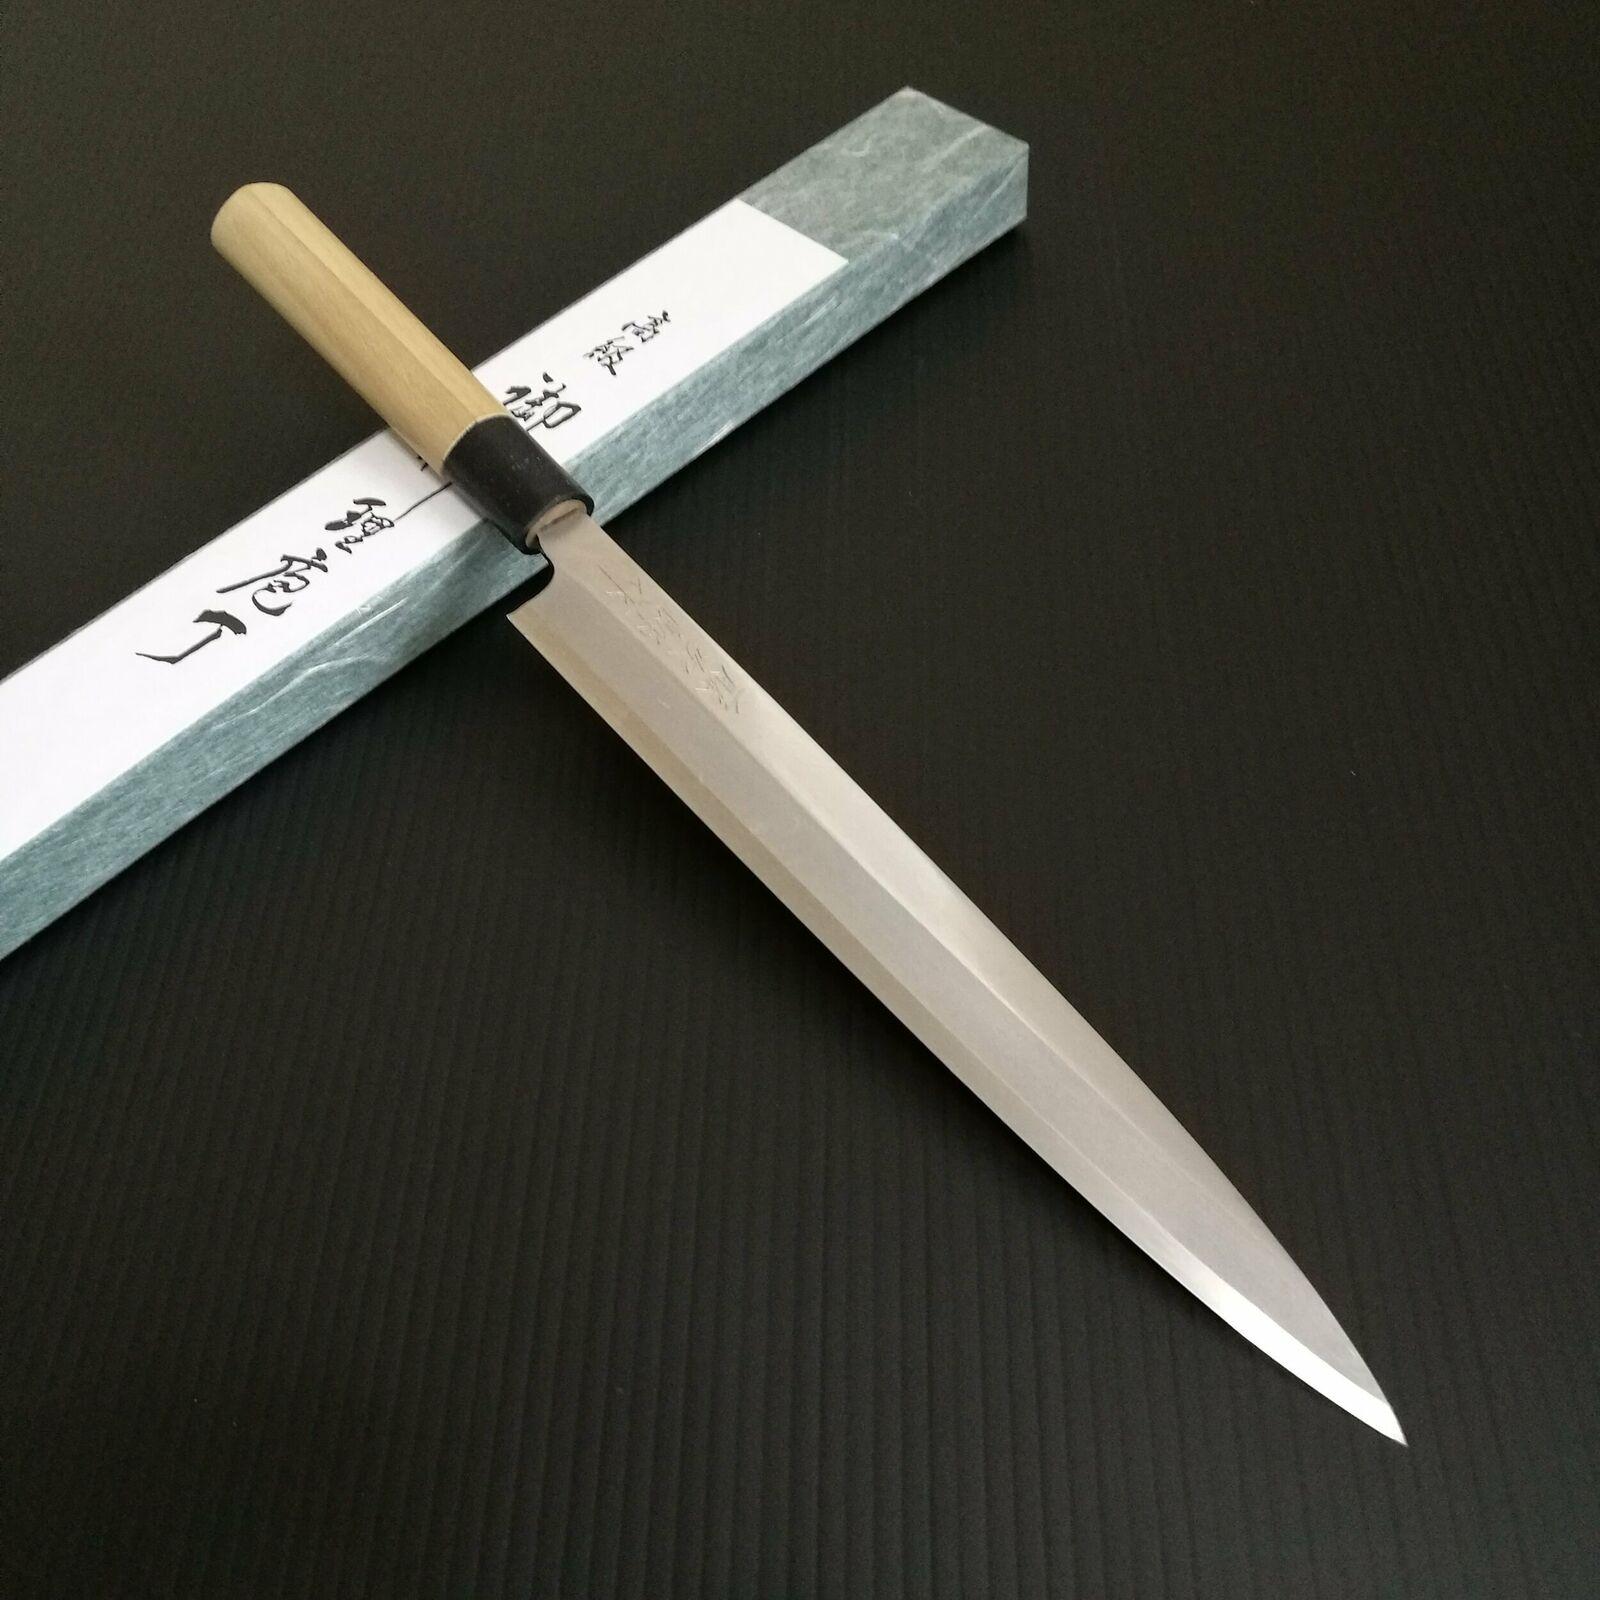 Tojiro shirogami Blanc Hagane Acier Yanagiba Knife 240 mm